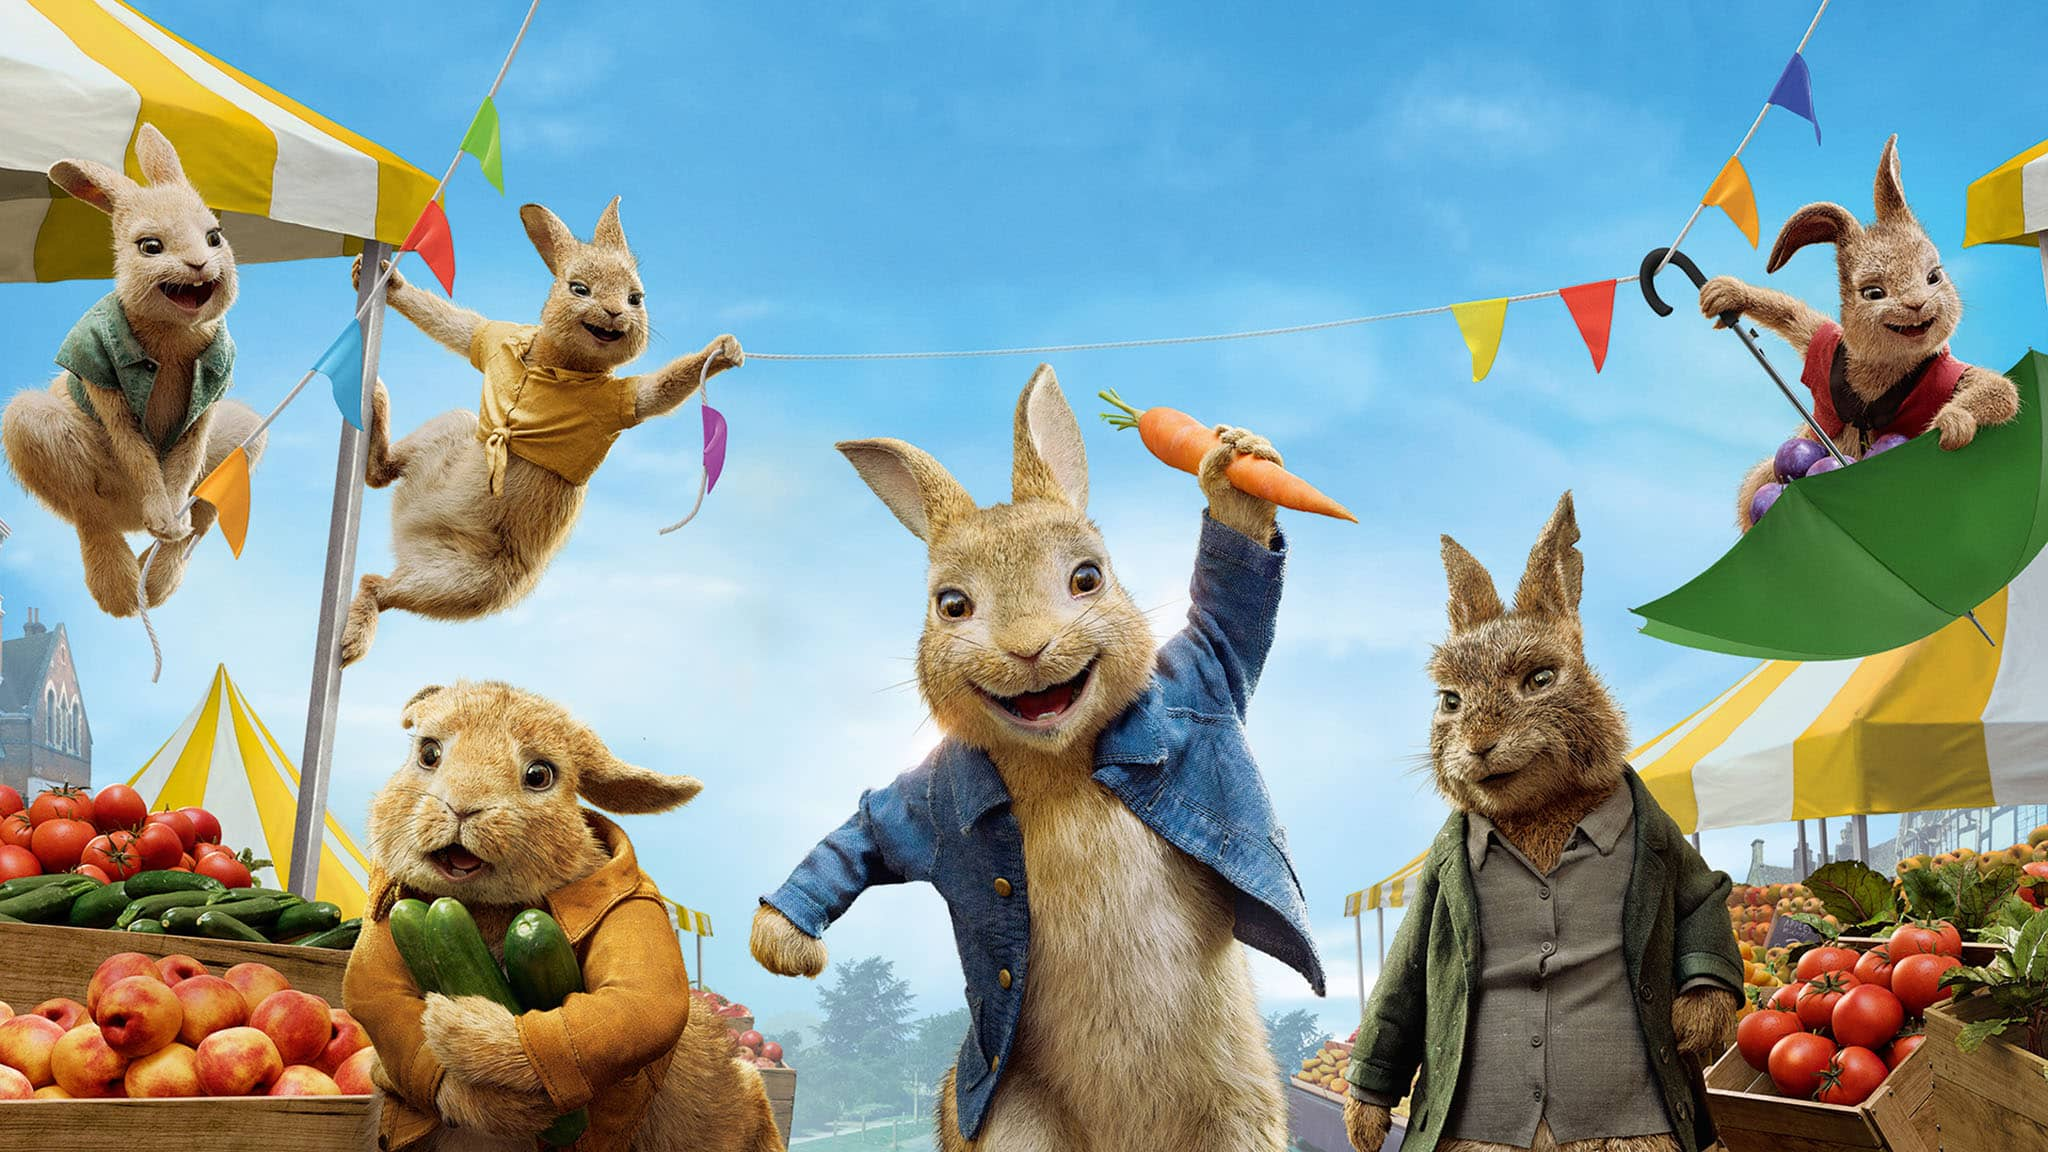 فيلم Peter Rabbit 2: The Runaway 2021 مترجم